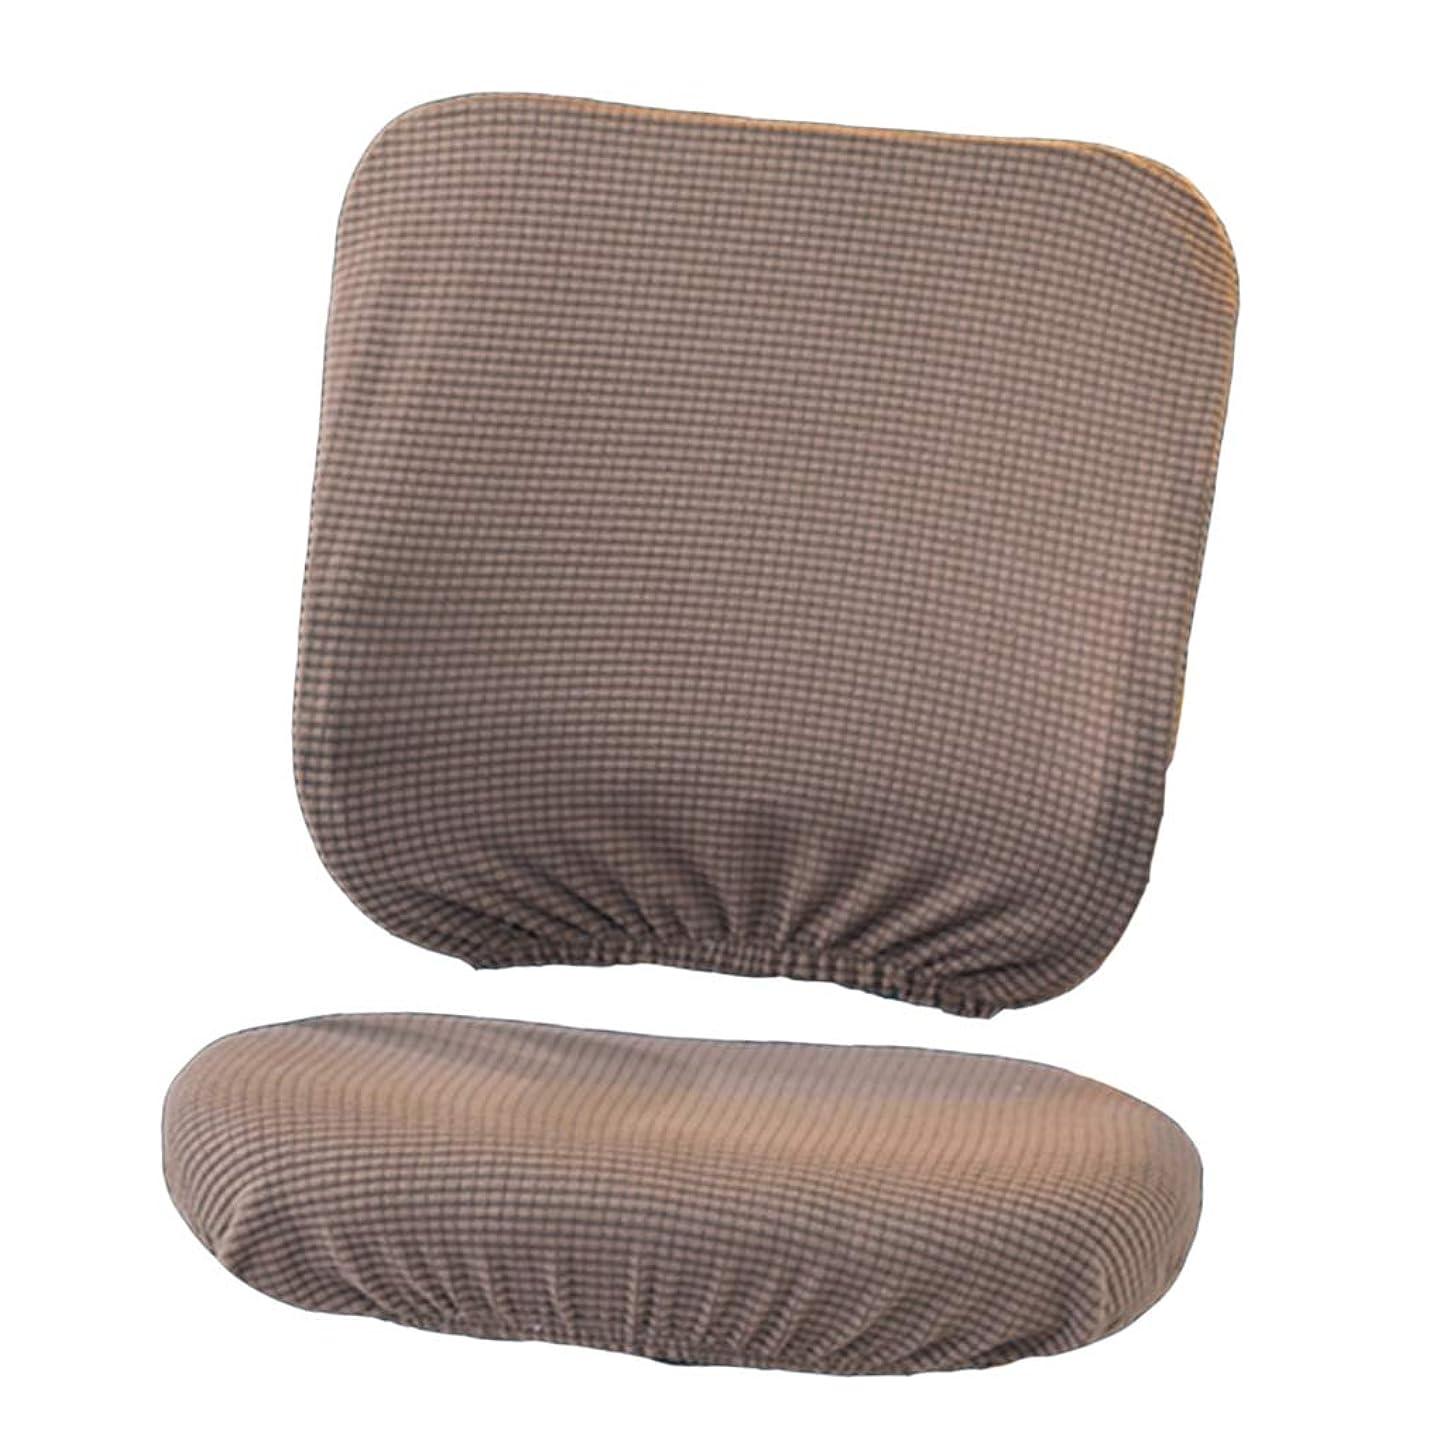 放映ミシン悲しいことに回転椅子カバー 事務椅子カバー オフィスチェアカバー 椅子カバー 伸縮性 洗える 選べる9色 - ブラウン